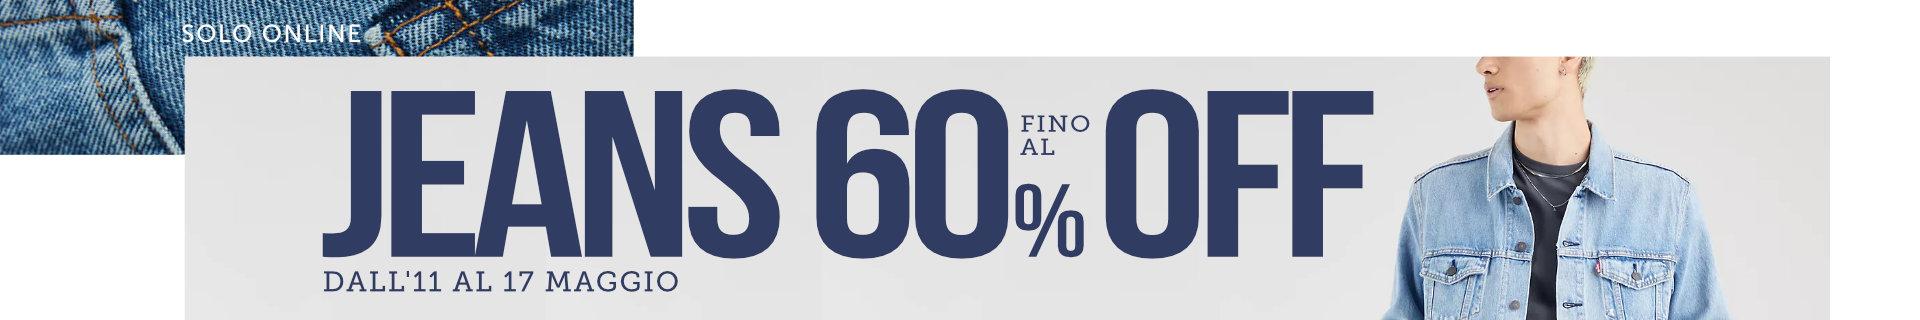 Promo Jeans fino al 60% OFF